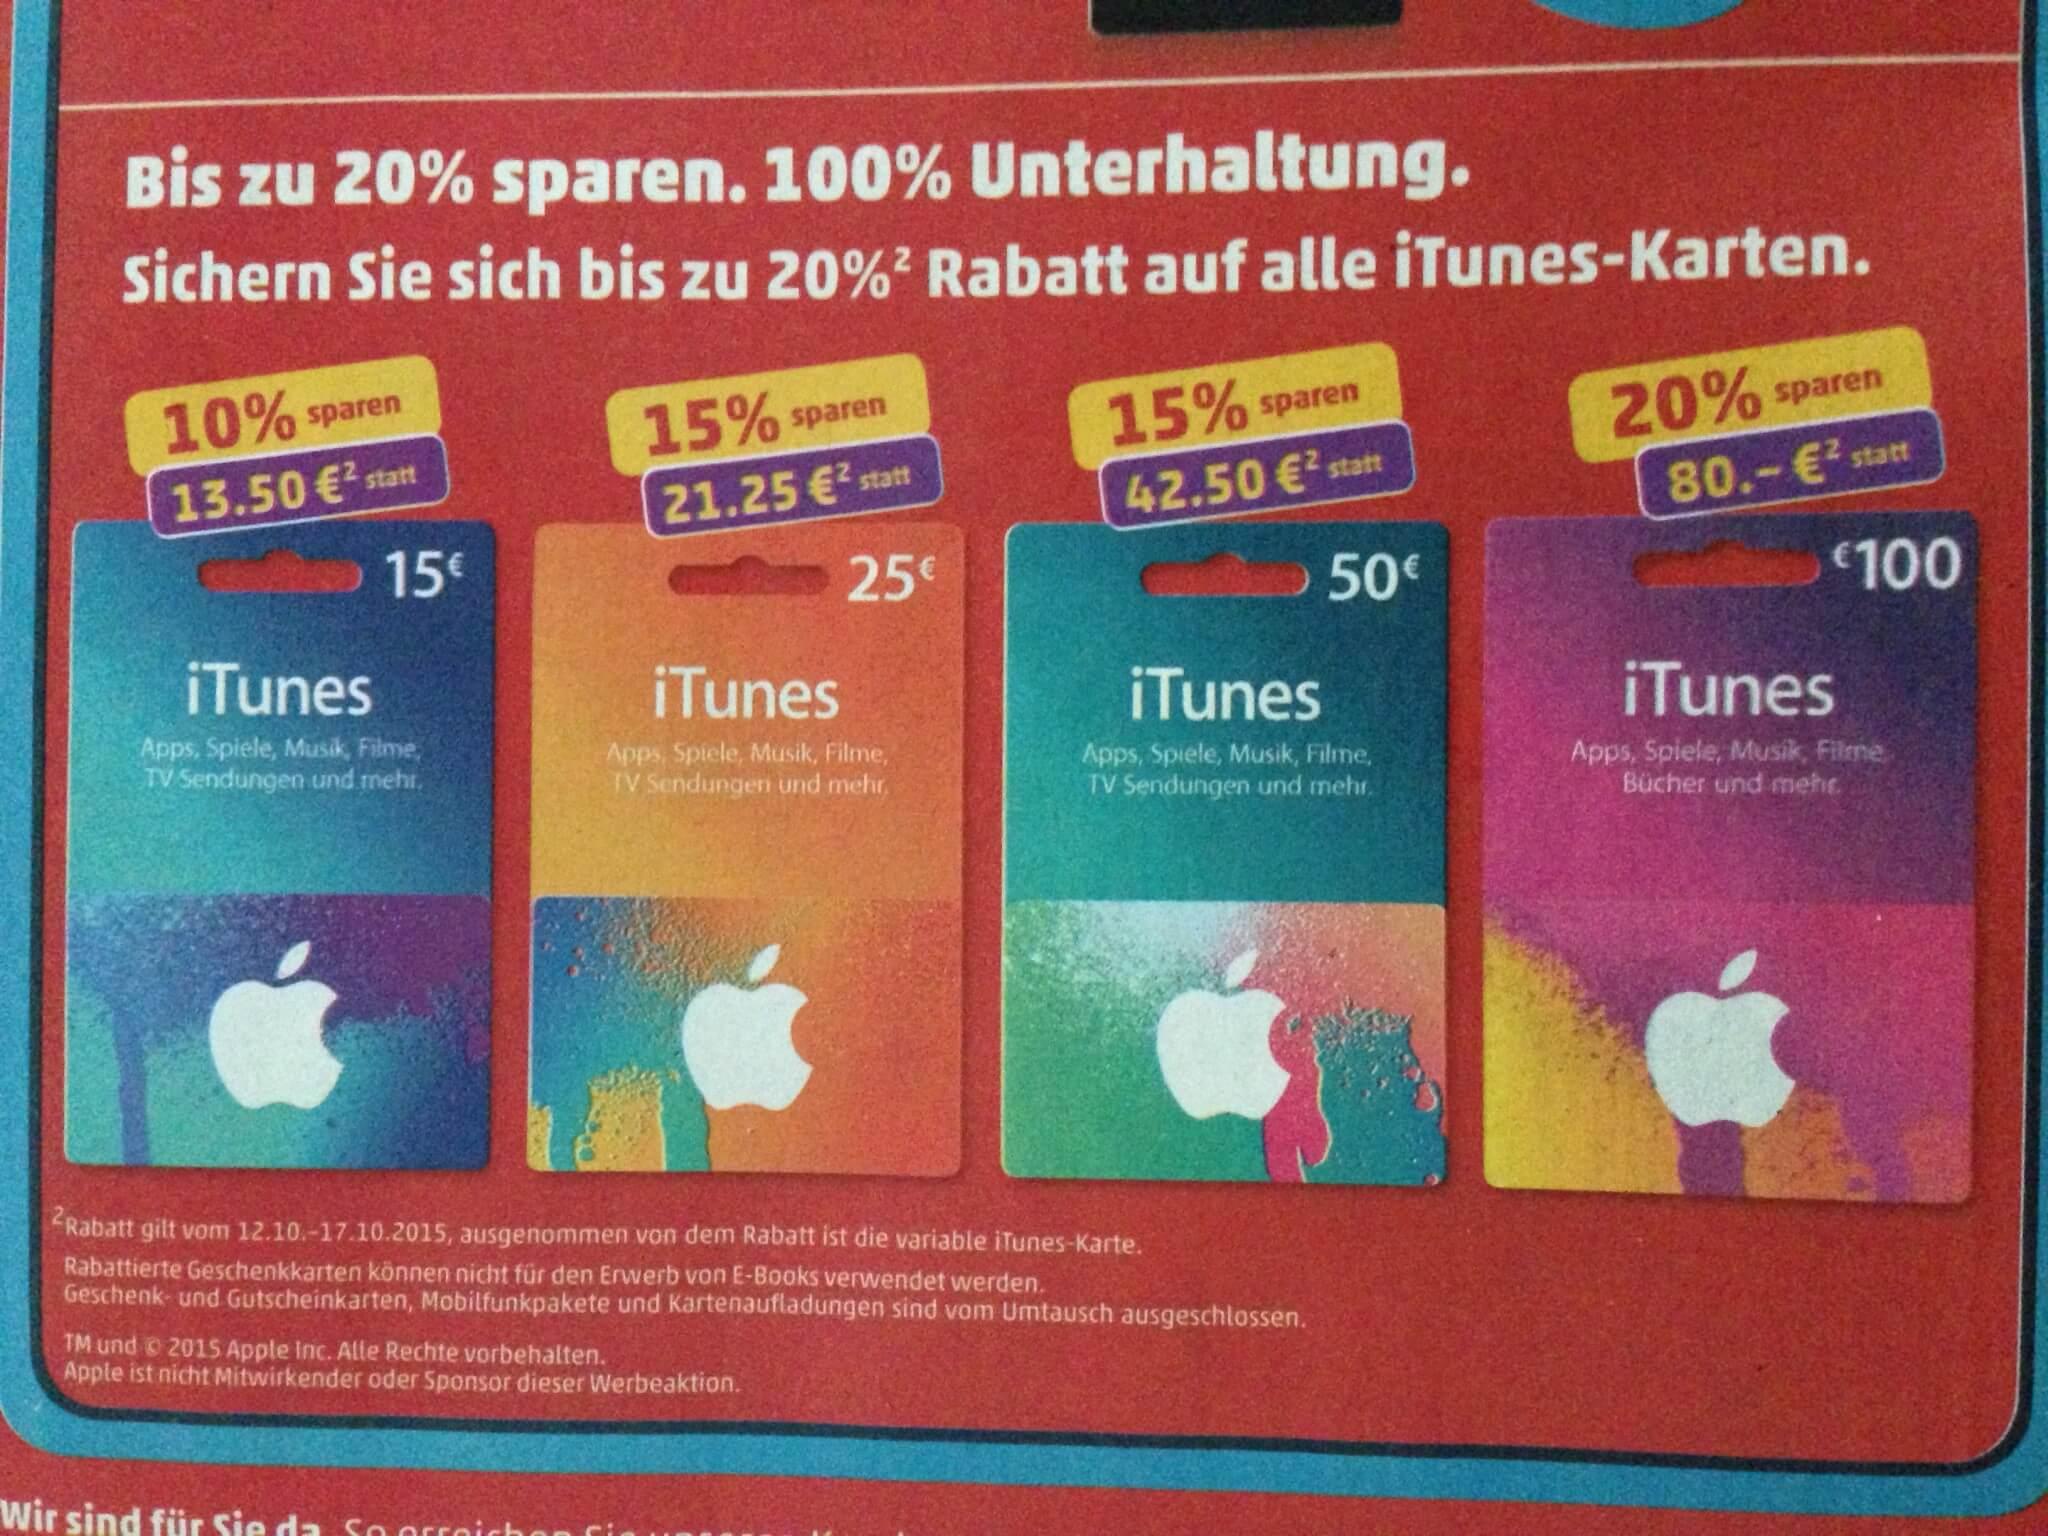 Bei Penny gibt es wieder iTunes-Guthabenkarten im Angebot (aus Penny-Prospekt)